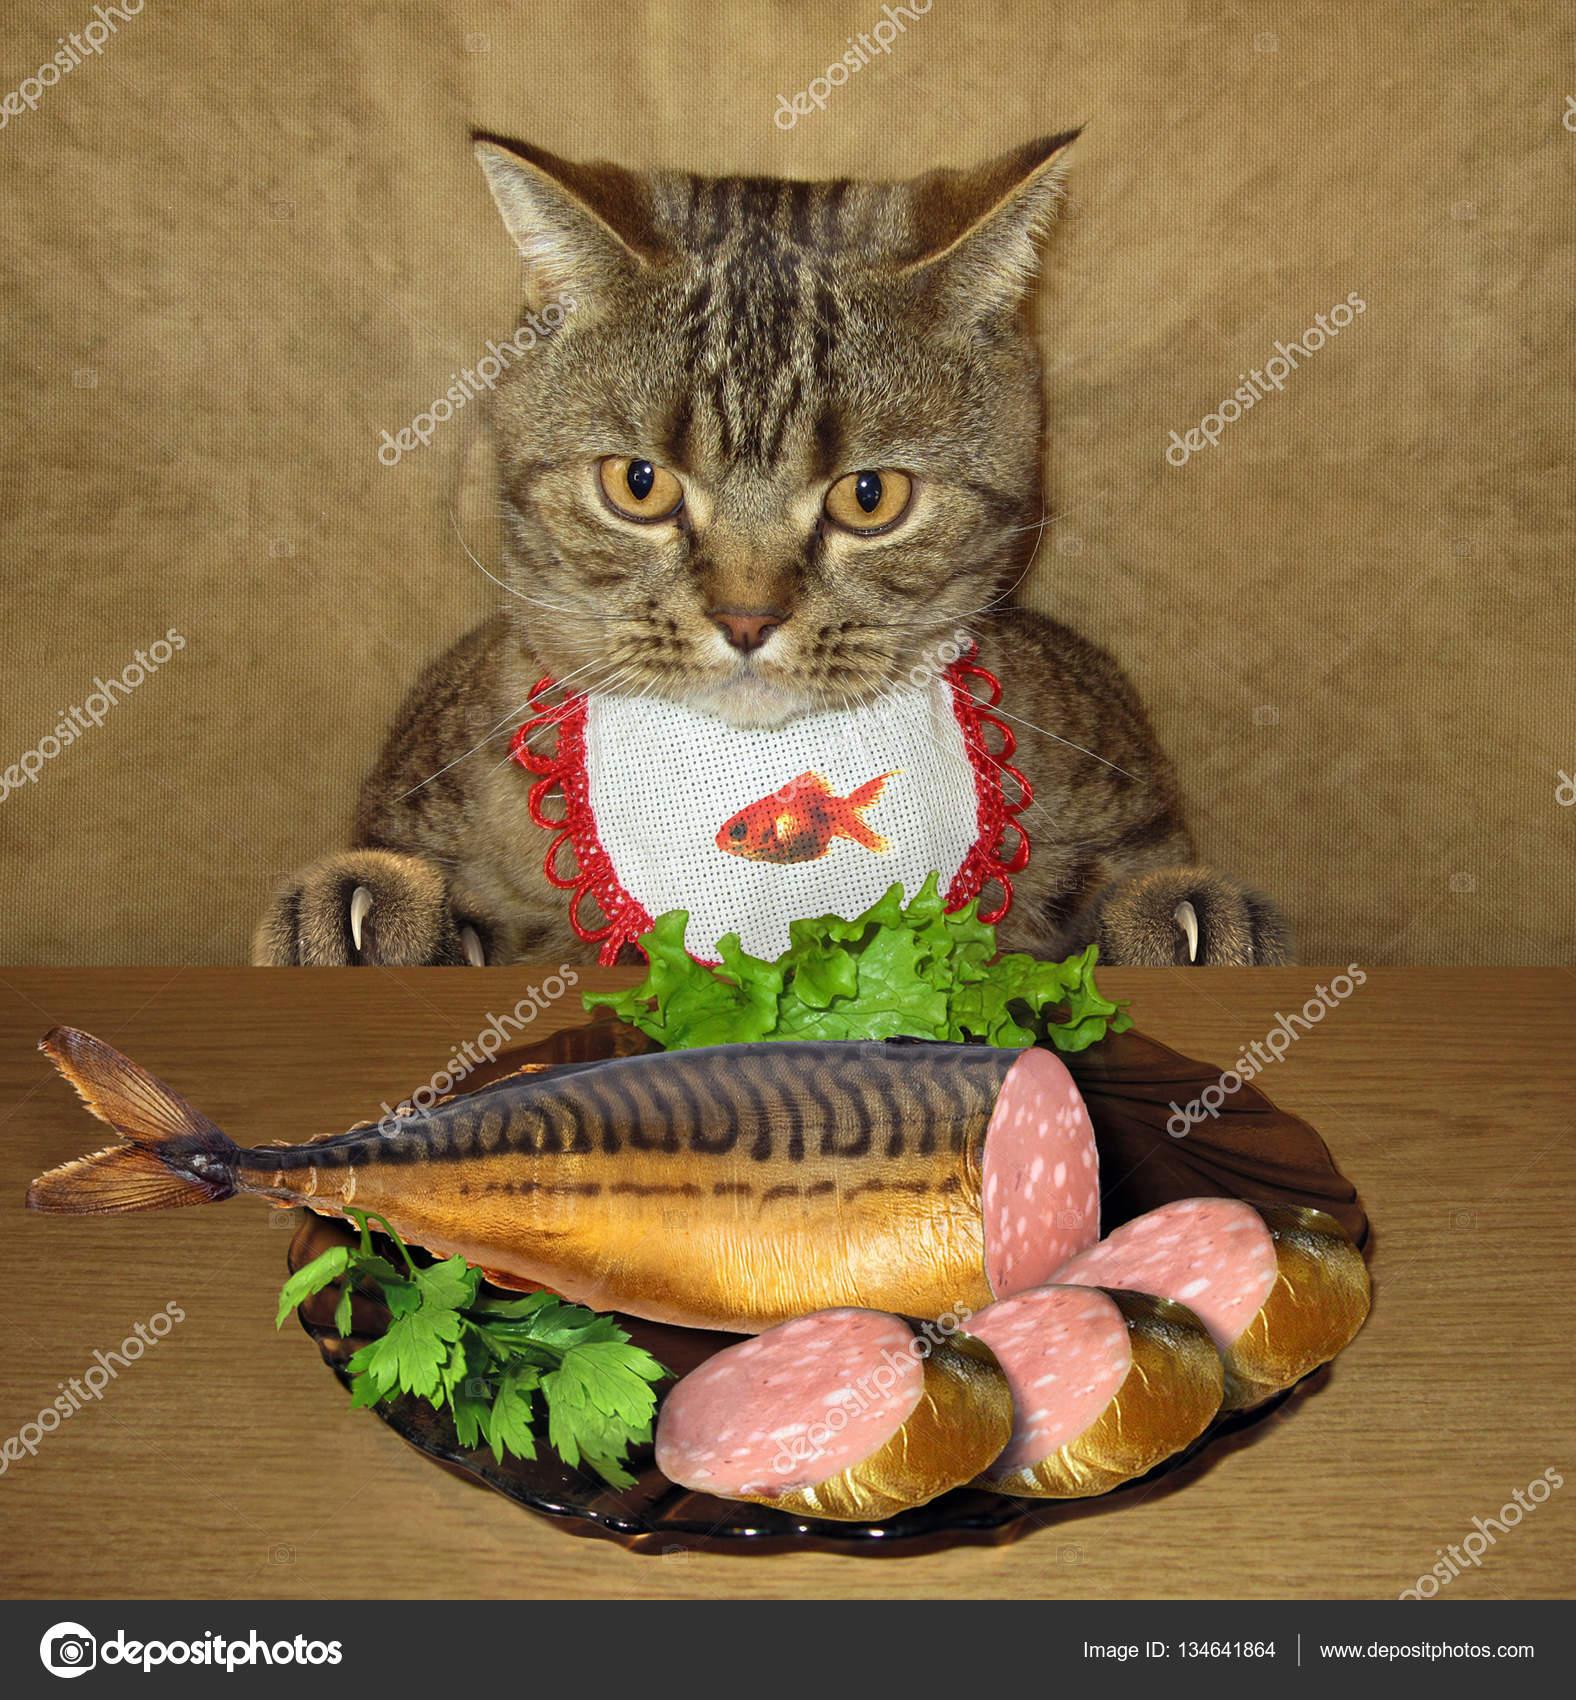 Кошка и колбаса картинки, стоковые фото Кошка и колбаса | Depositphotos